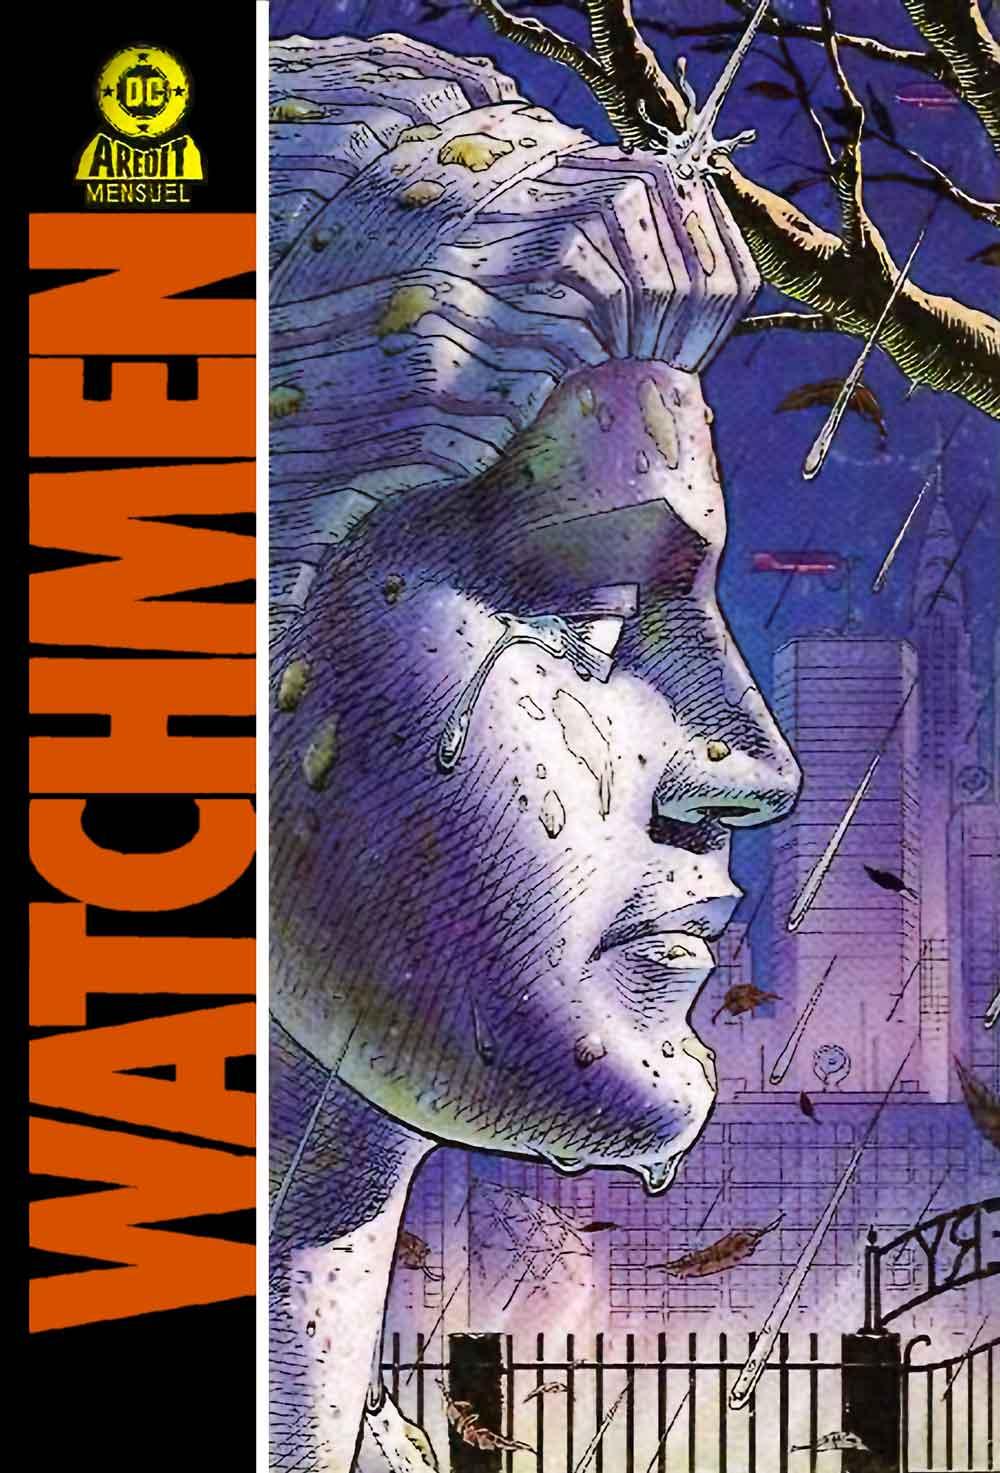 Watchmen T1 par AREDIT